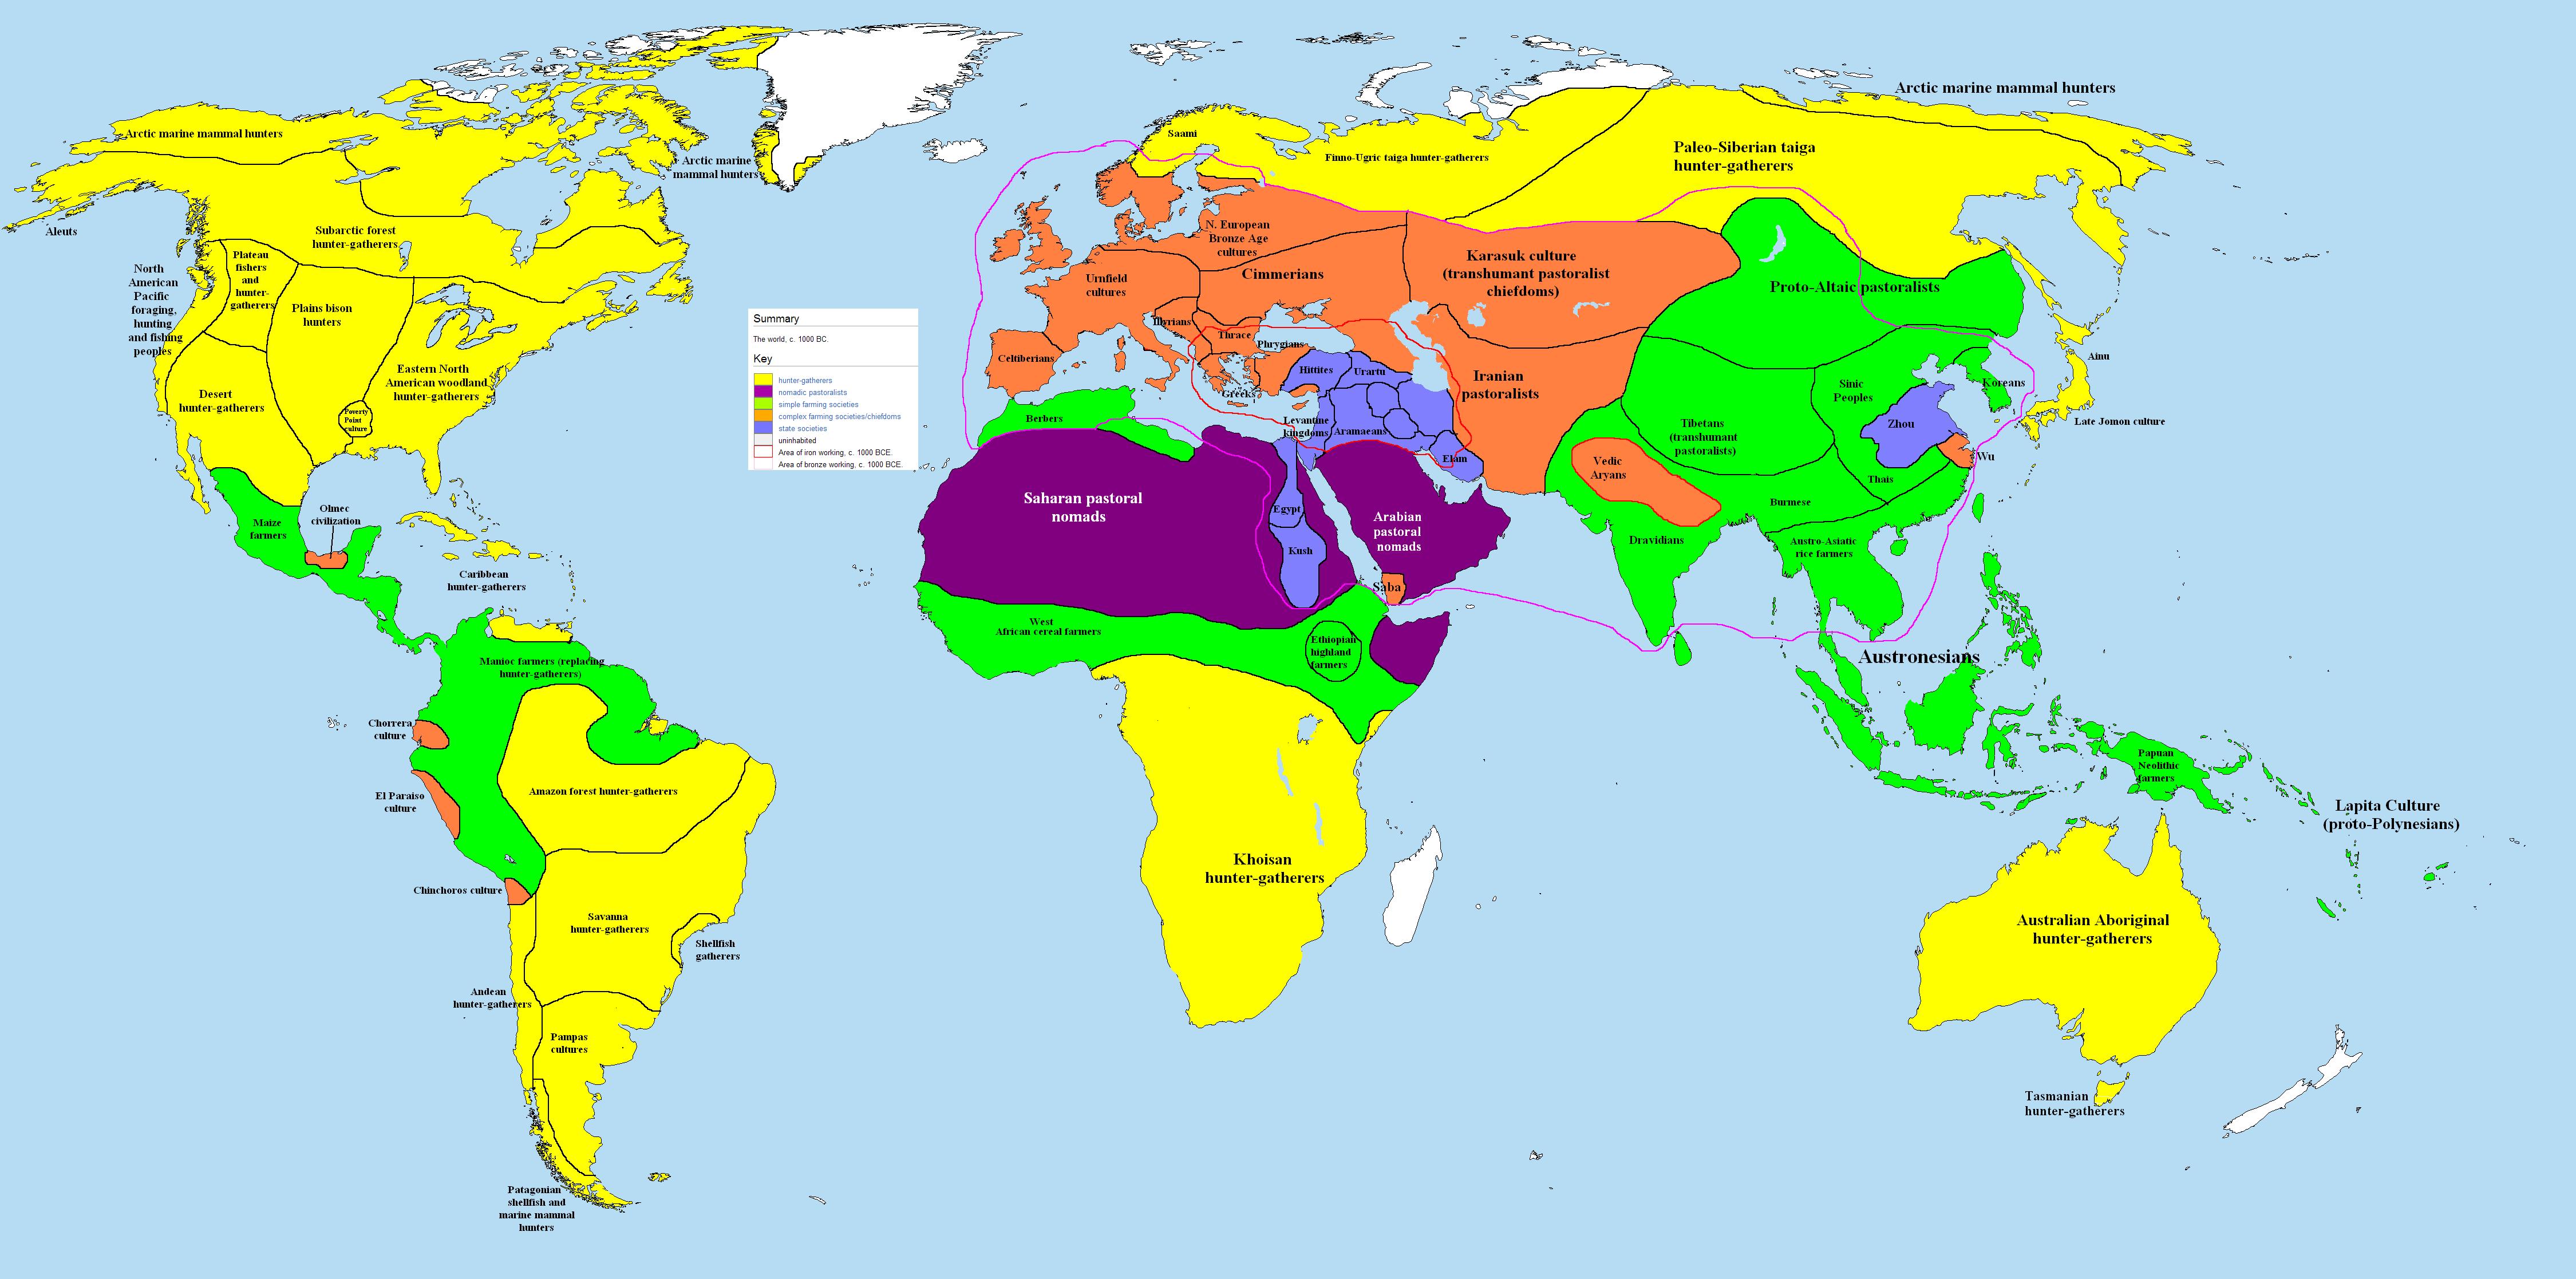 بعض الصور للعالم منذ عام 1000 قبل الميلاد. يمكن من خلالها تتبع بعض من تناوب على حكم فلسطين